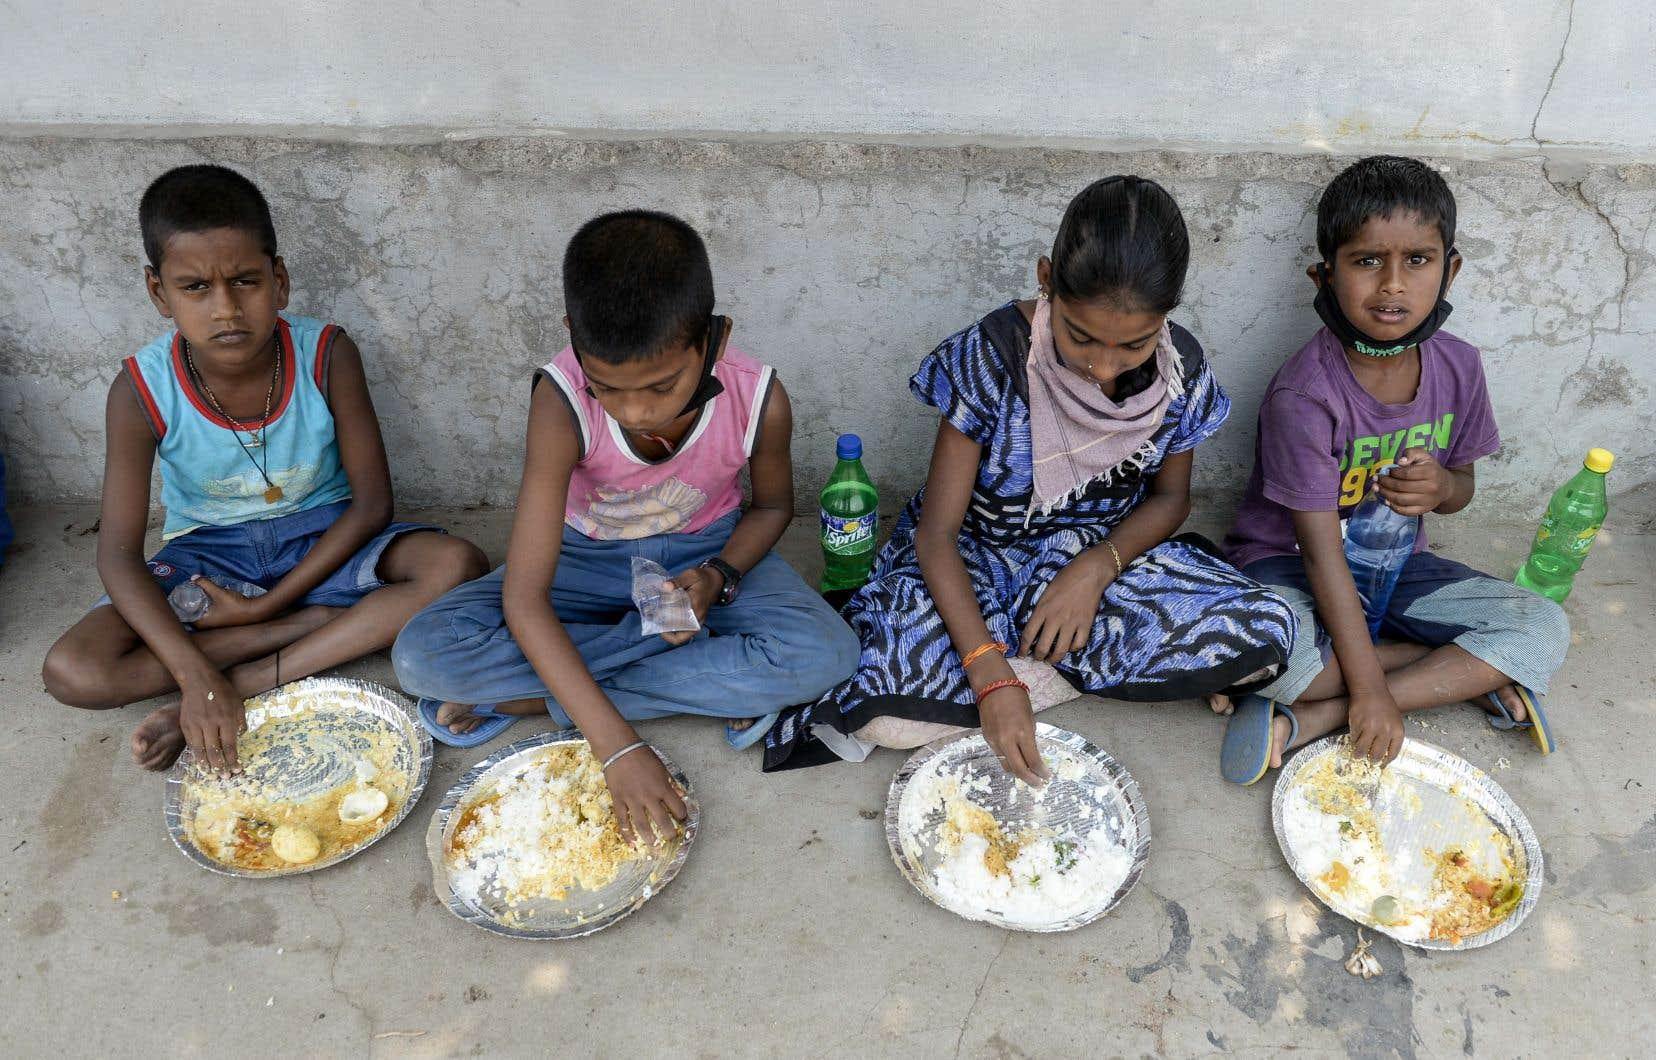 Des enfants mangent un repas distribué par une organisation caritative à Secunderabad, en Inde. Selon l'ONU, «368,5 millions d'enfants dans 143 pays dépendent normalement des repas scolaires comme source fiable de nutrition quotidienne».